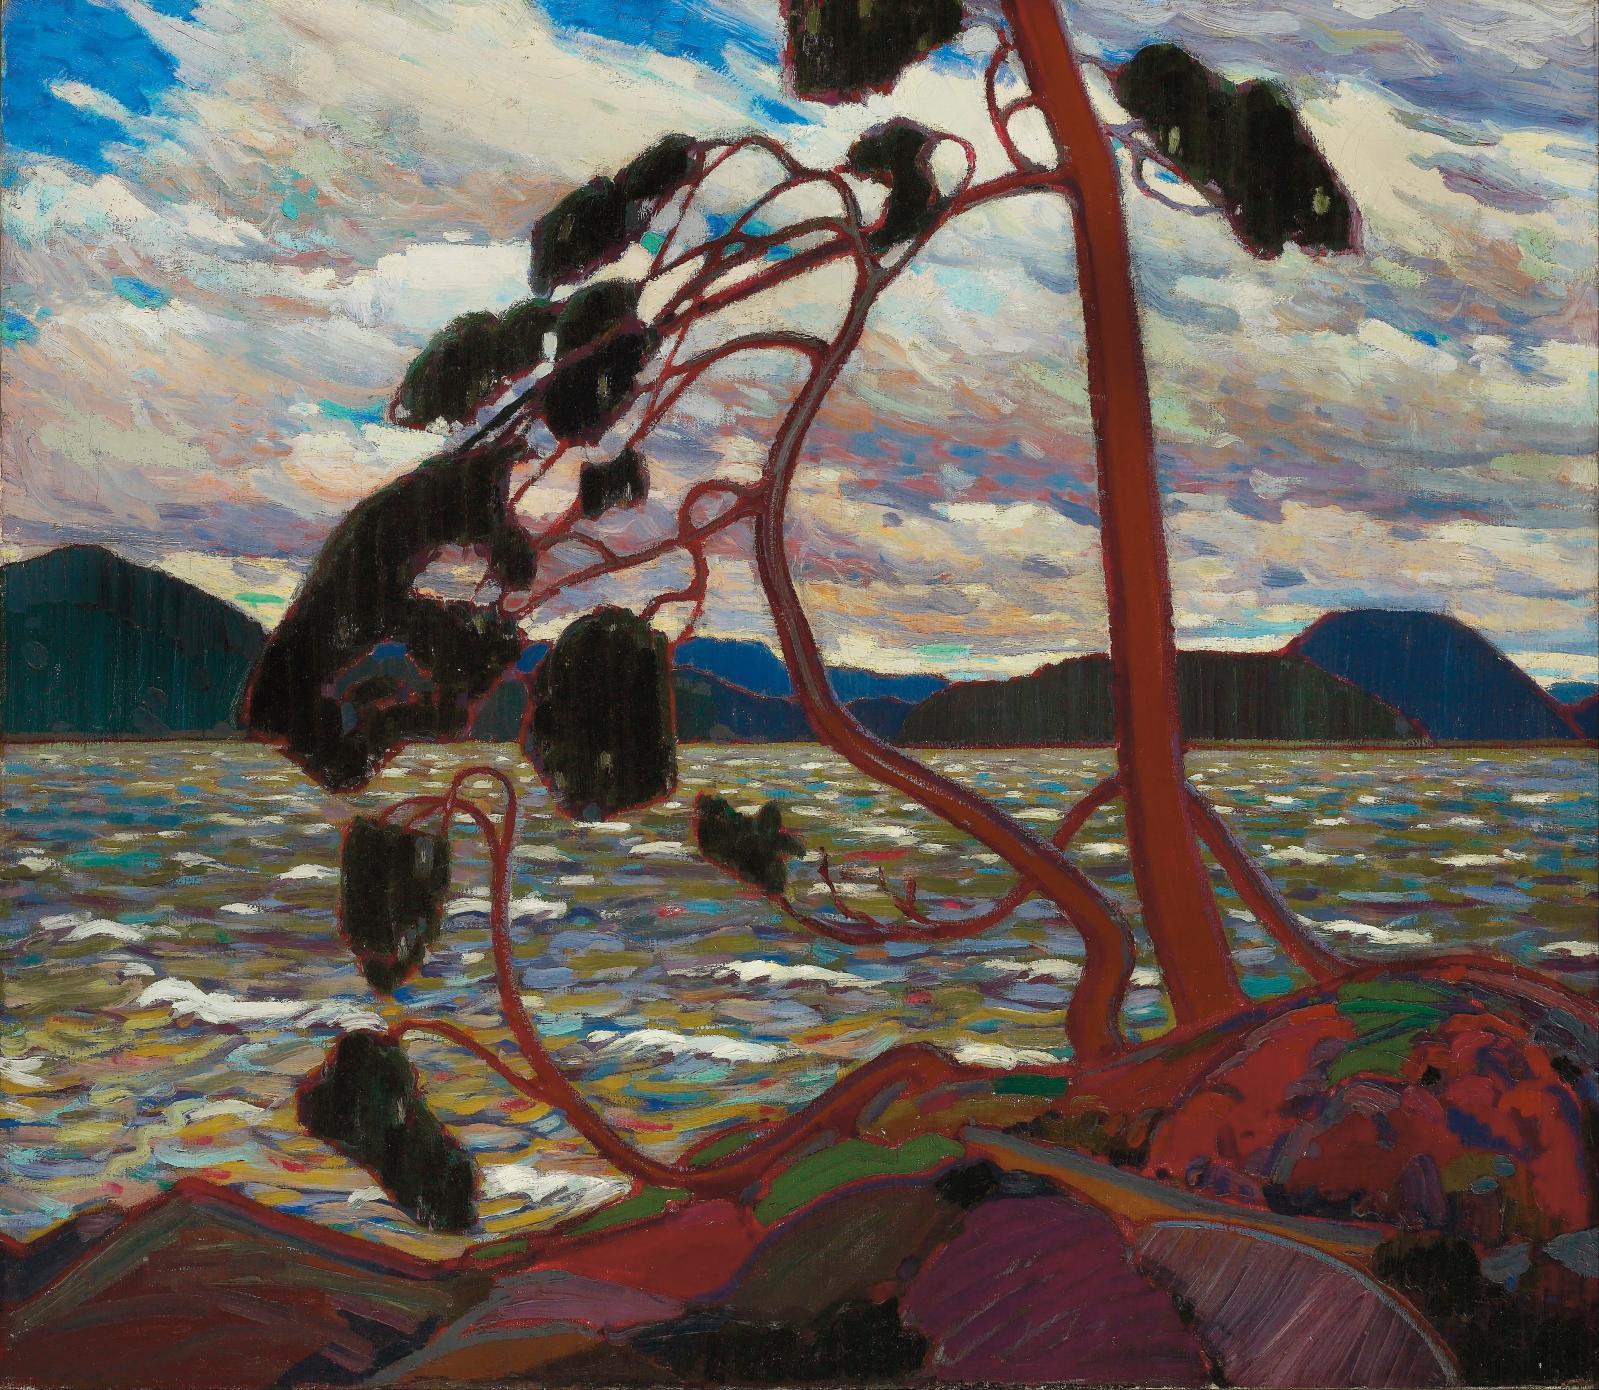 Tom Thomson, The West Wind (Le Vent d'ouest), 1917, huile sur toile, 120,7x137,2cm, musée des beaux-arts de l'Ontario.